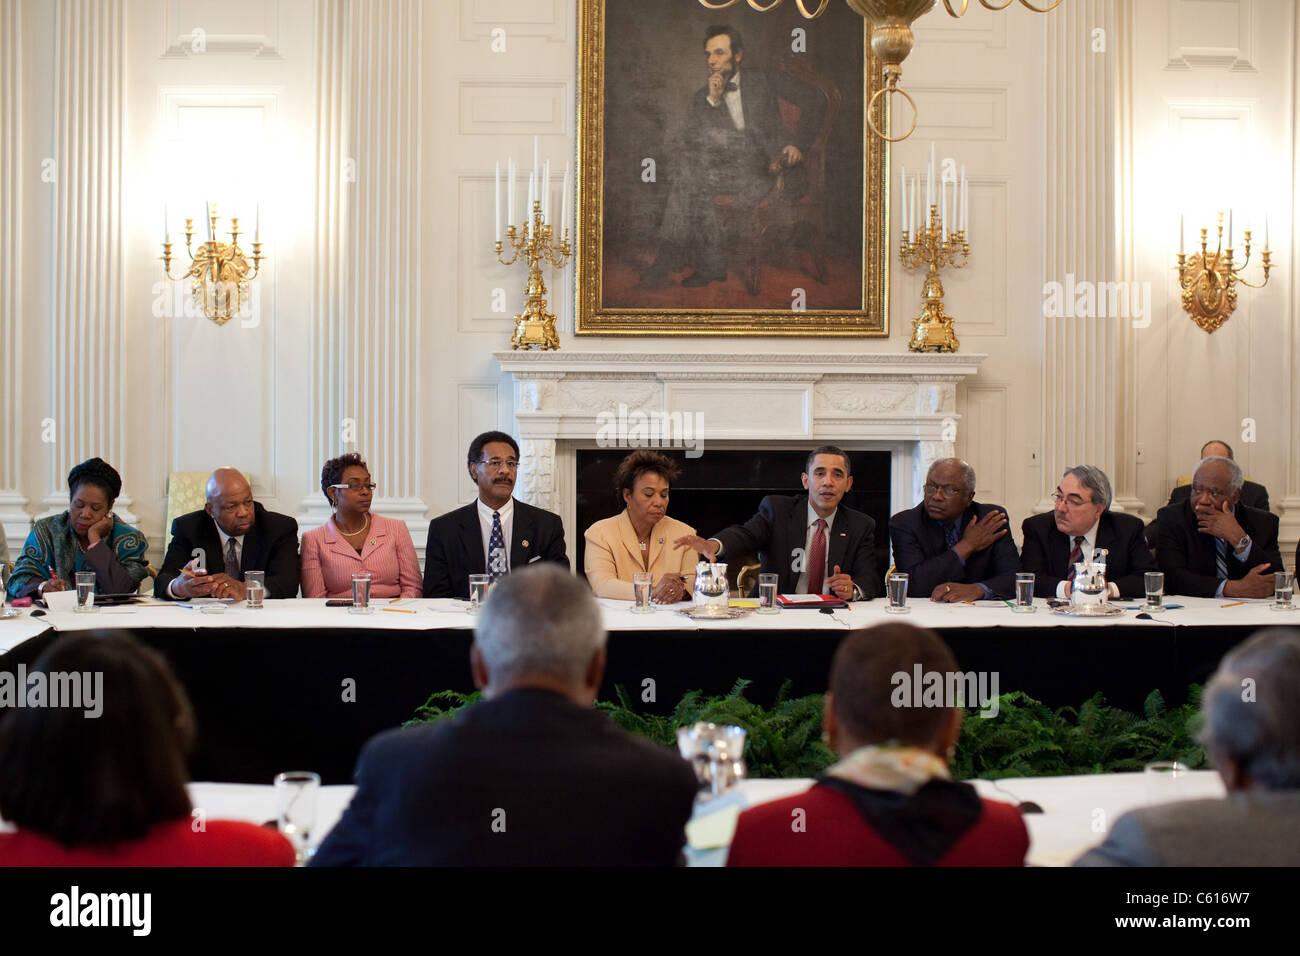 Präsident Obama trifft sich mit der Congressional Black Caucus, Reform des Gesundheitswesens im Weißen Stockbild